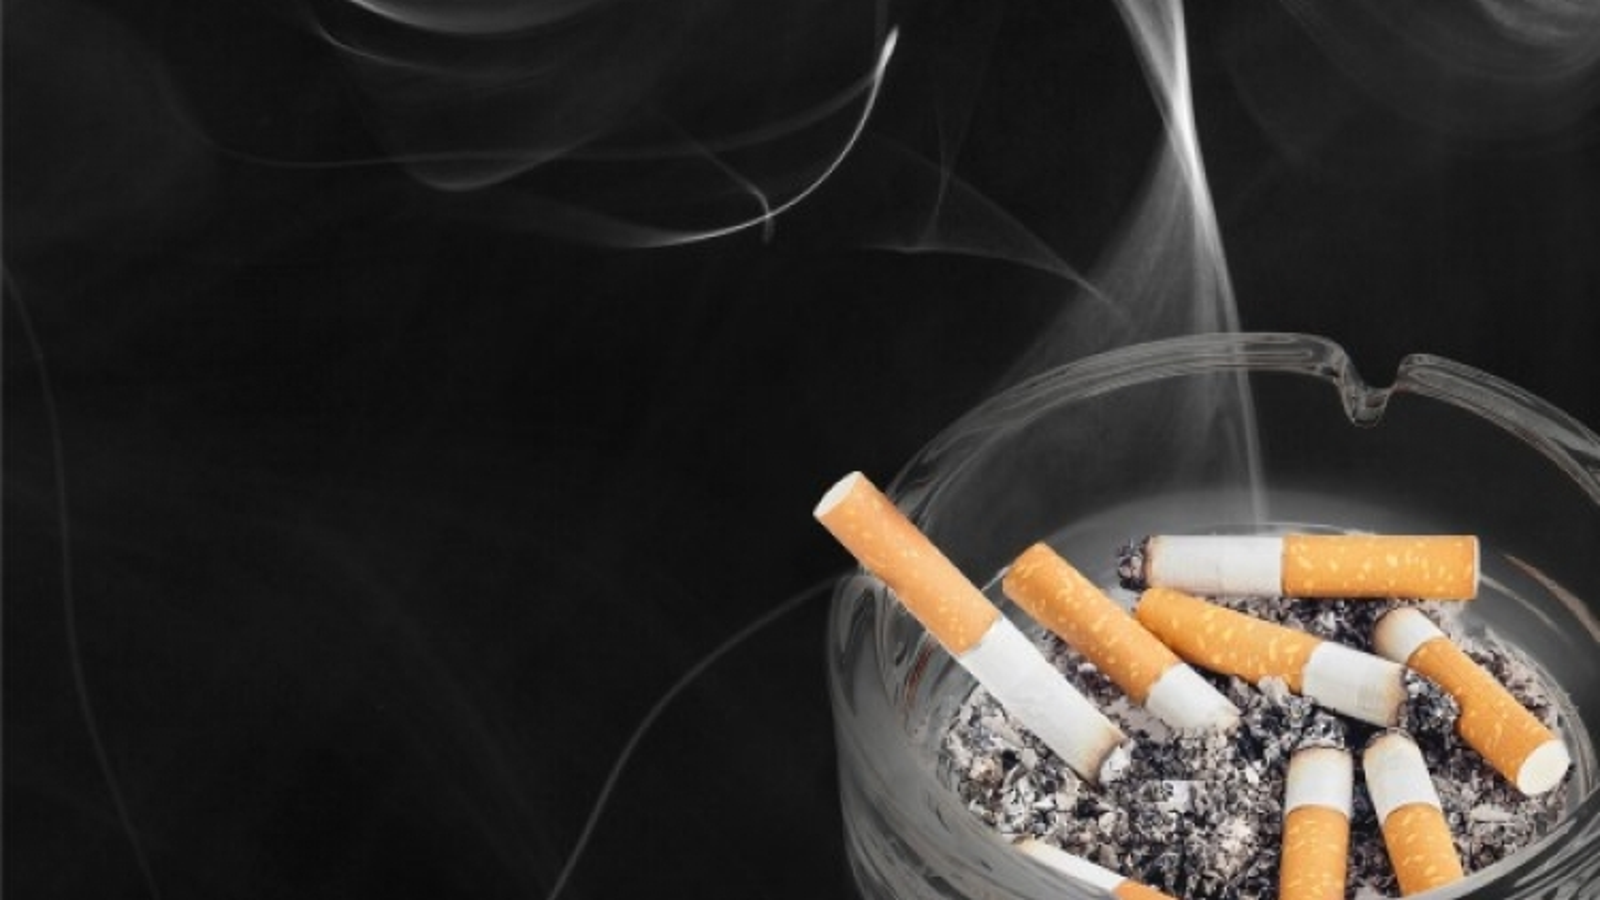 Mỹ cân nhắc buộc các nhà sản xuất giảm lượng chất gây nghiện trong thuốc lá